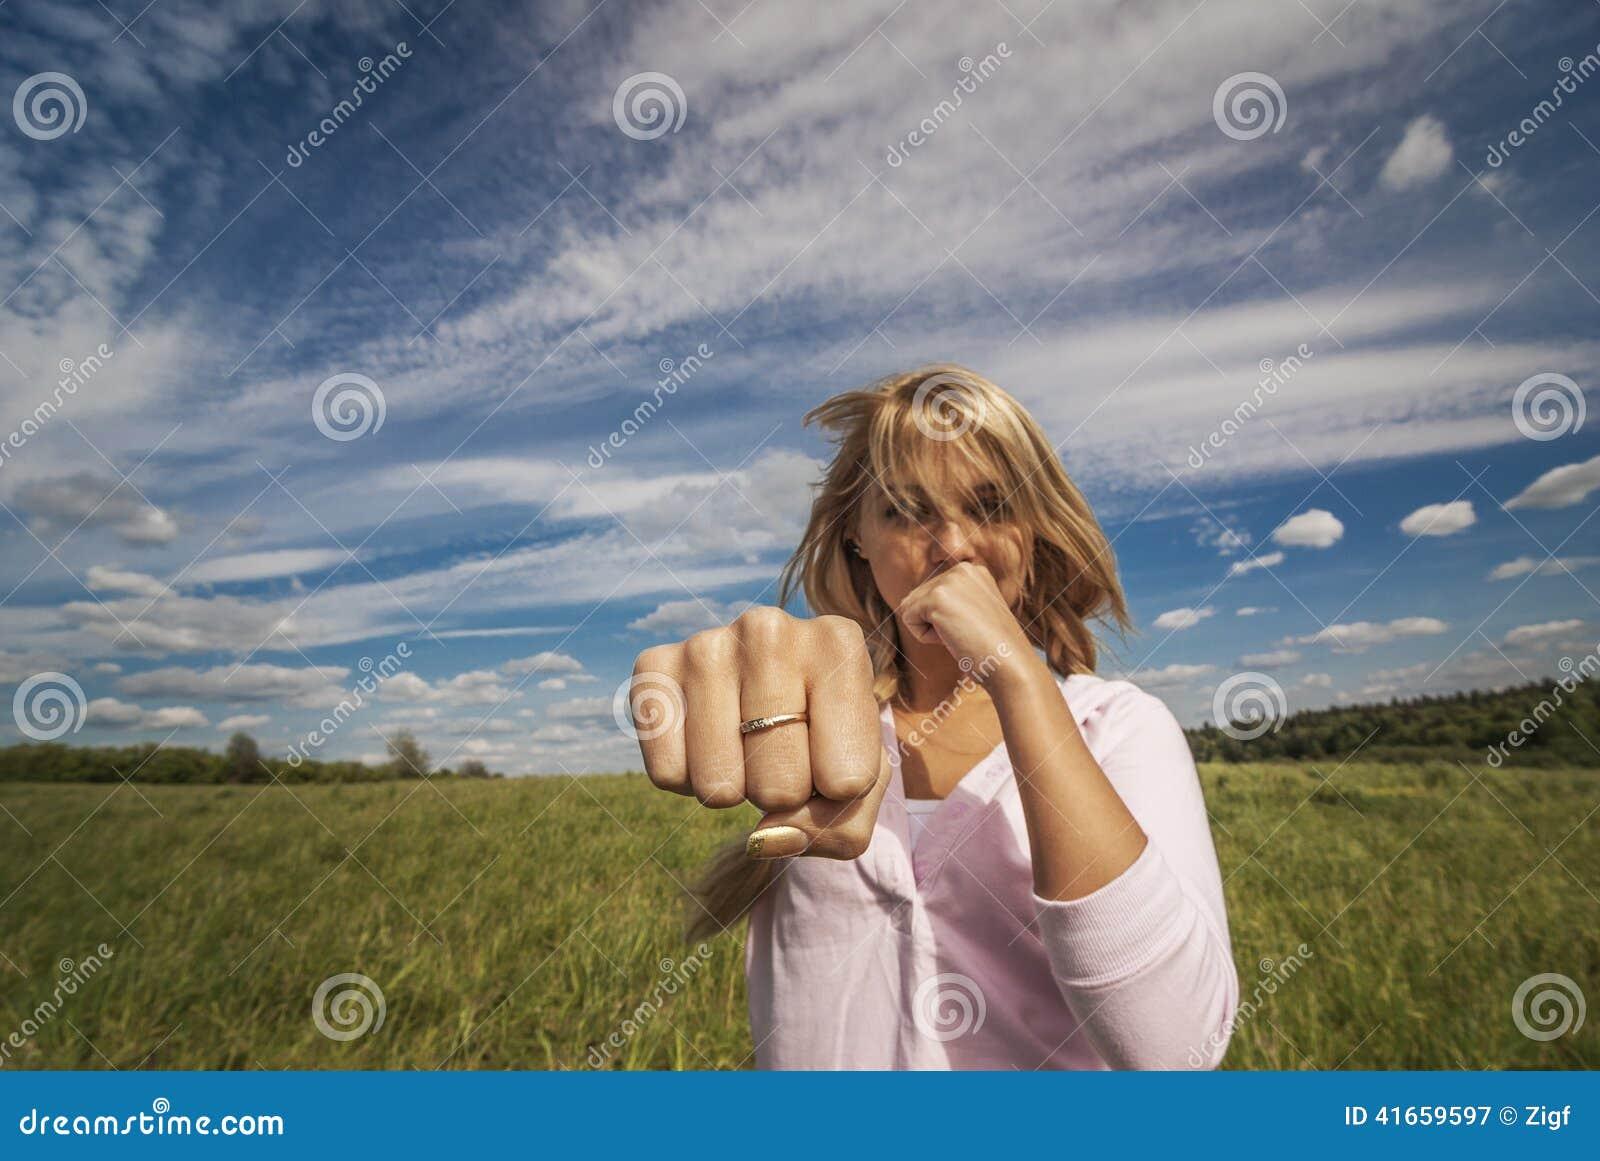 Девушка бьет кулак